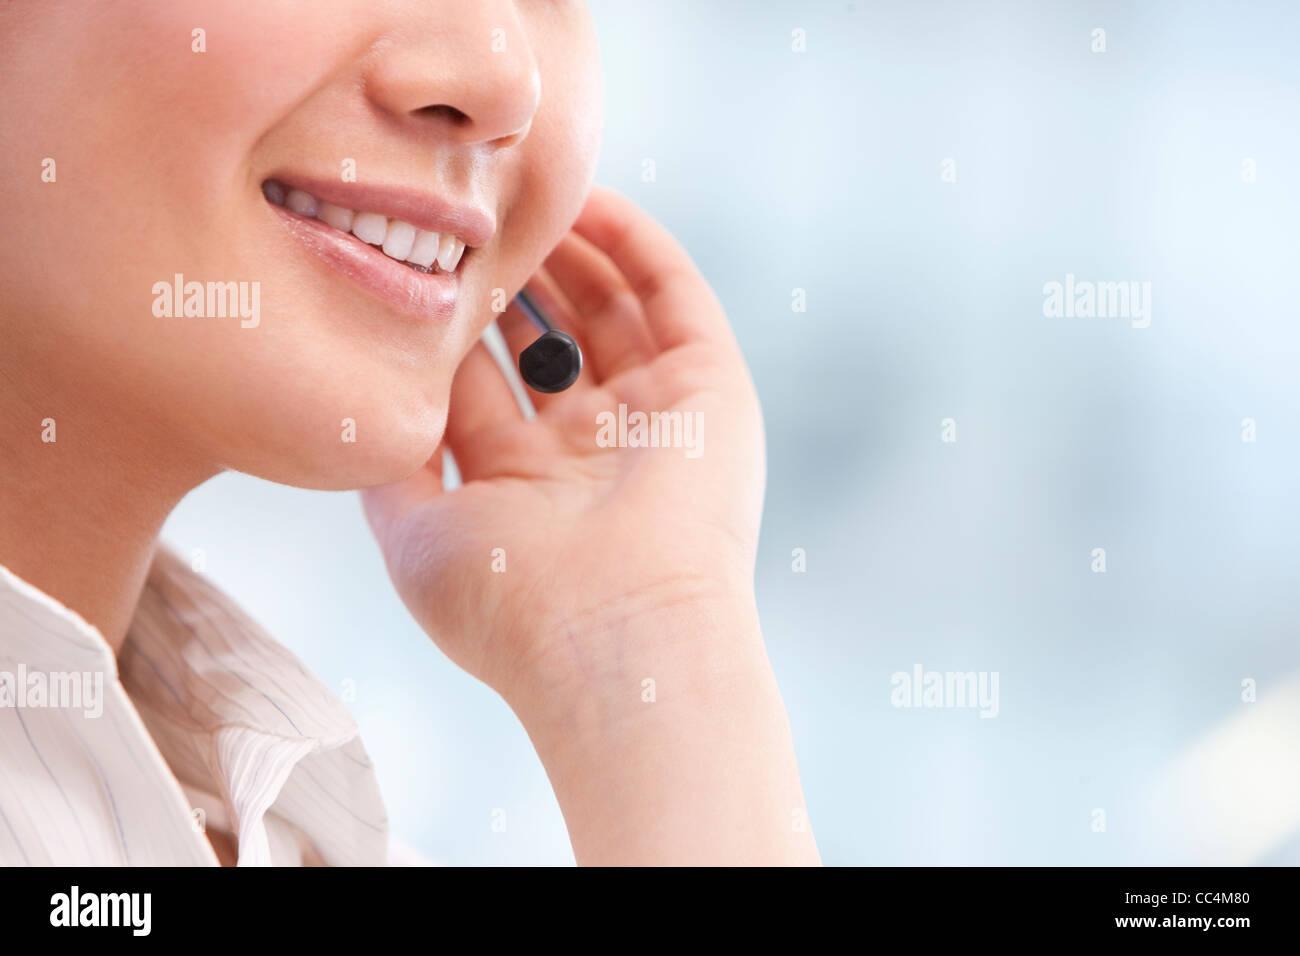 Nahaufnahme von Call-Center-Agenten Hand und Mund Stockfoto